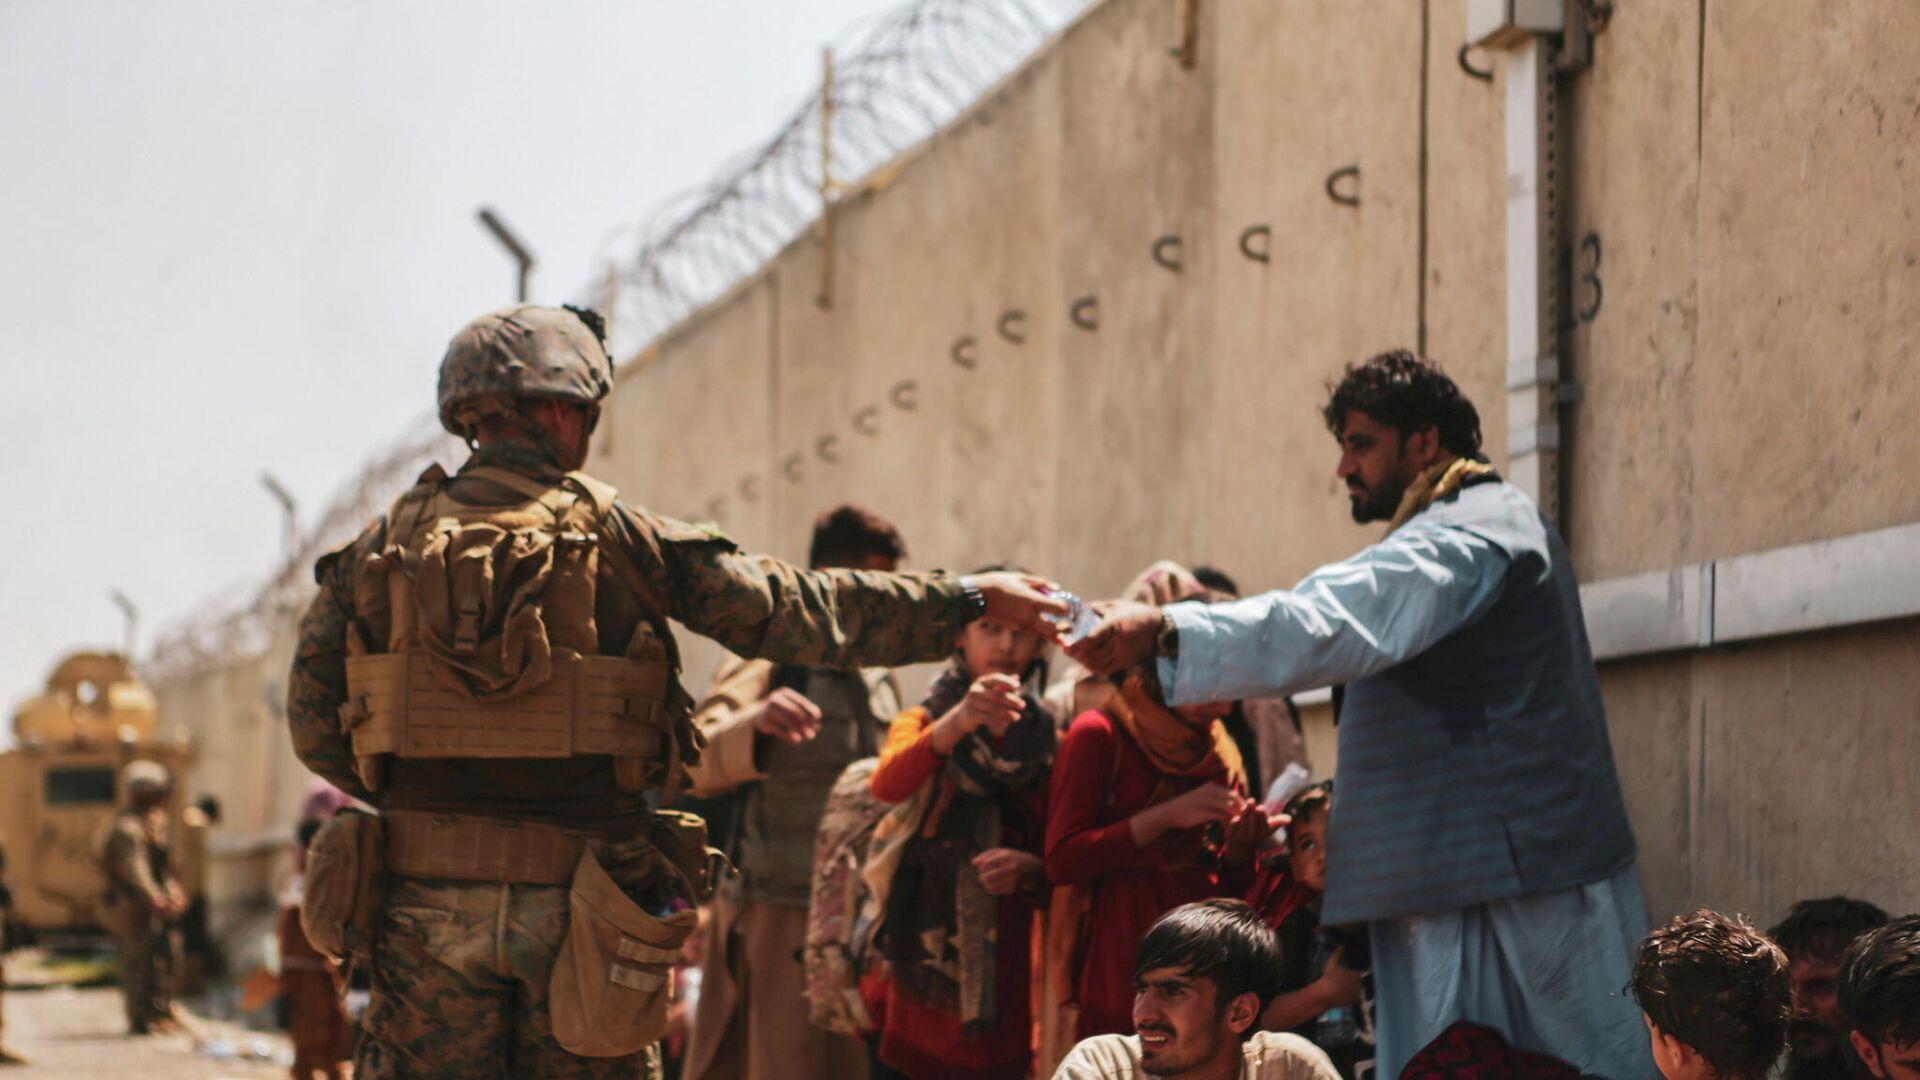 Afganos esperan la evacuación en el aeropuerto de Kabul - Sputnik Mundo, 1920, 27.08.2021